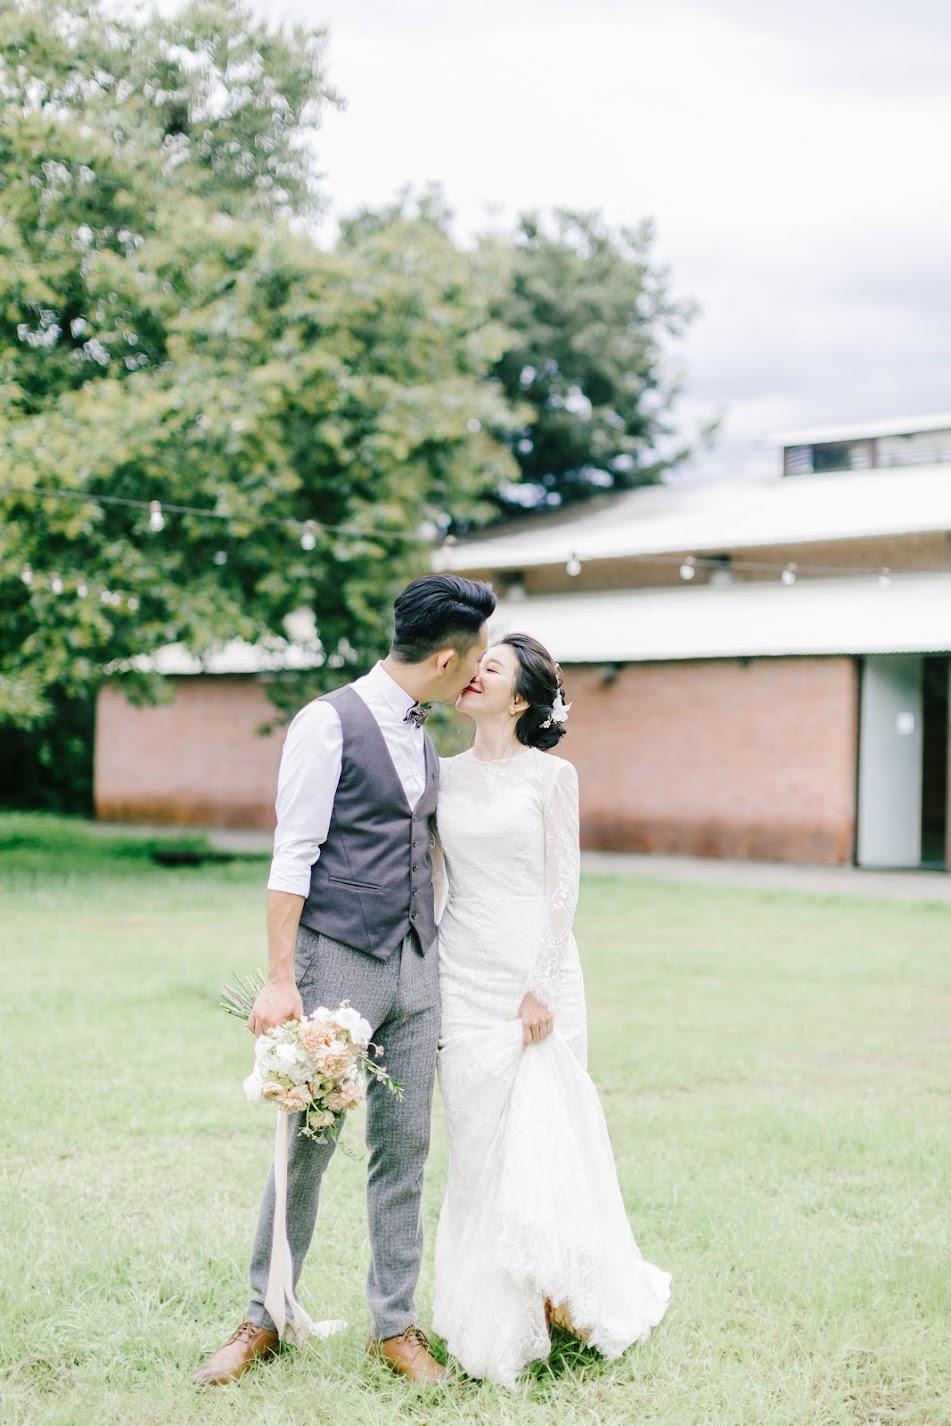 美式婚紗-AG婚紗-Amazing Grace婚紗-顏氏牧場 自助婚紗-Fine art 婚紗 -美式婚紗婚禮 -台中婚紗